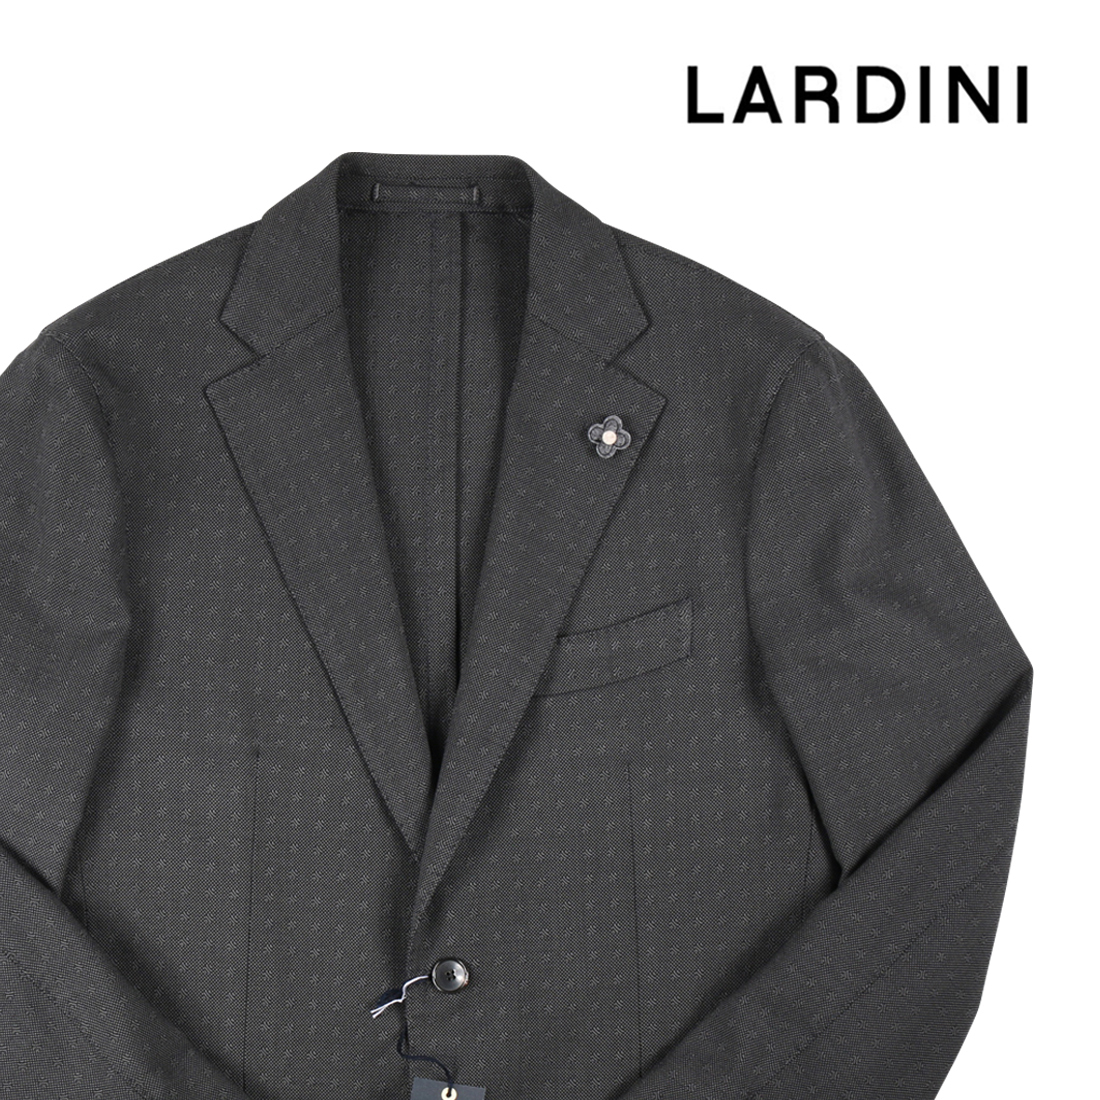 (超特価)LARDINI ジャケット EA393AV グレー 48 (AS19019)ラルディーニ